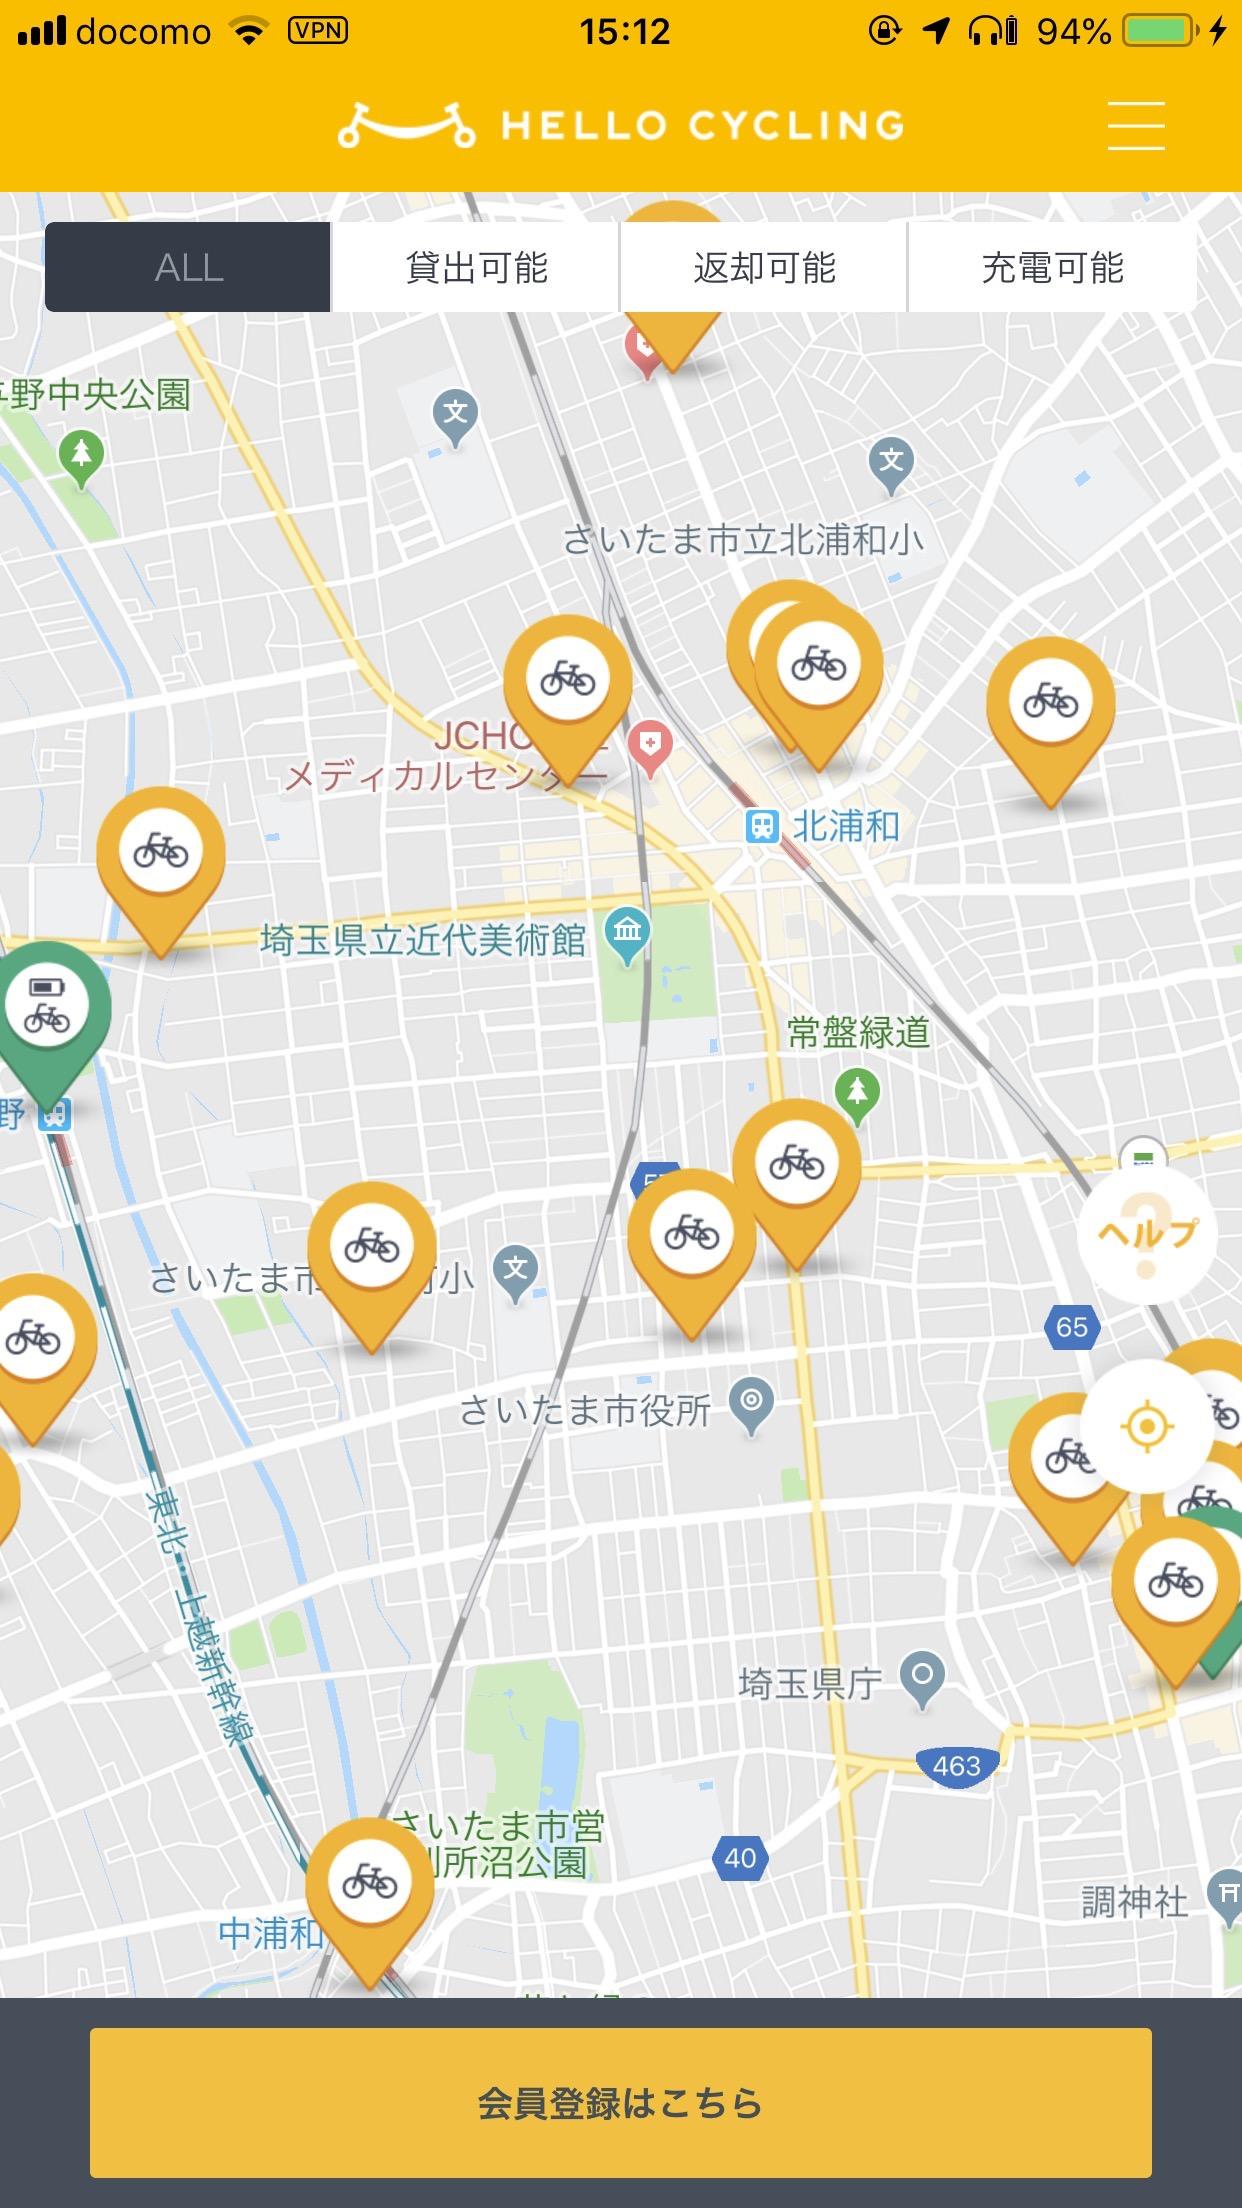 さいたま市でシェアサイクル「HELLO CYCLING」実証実験を開始